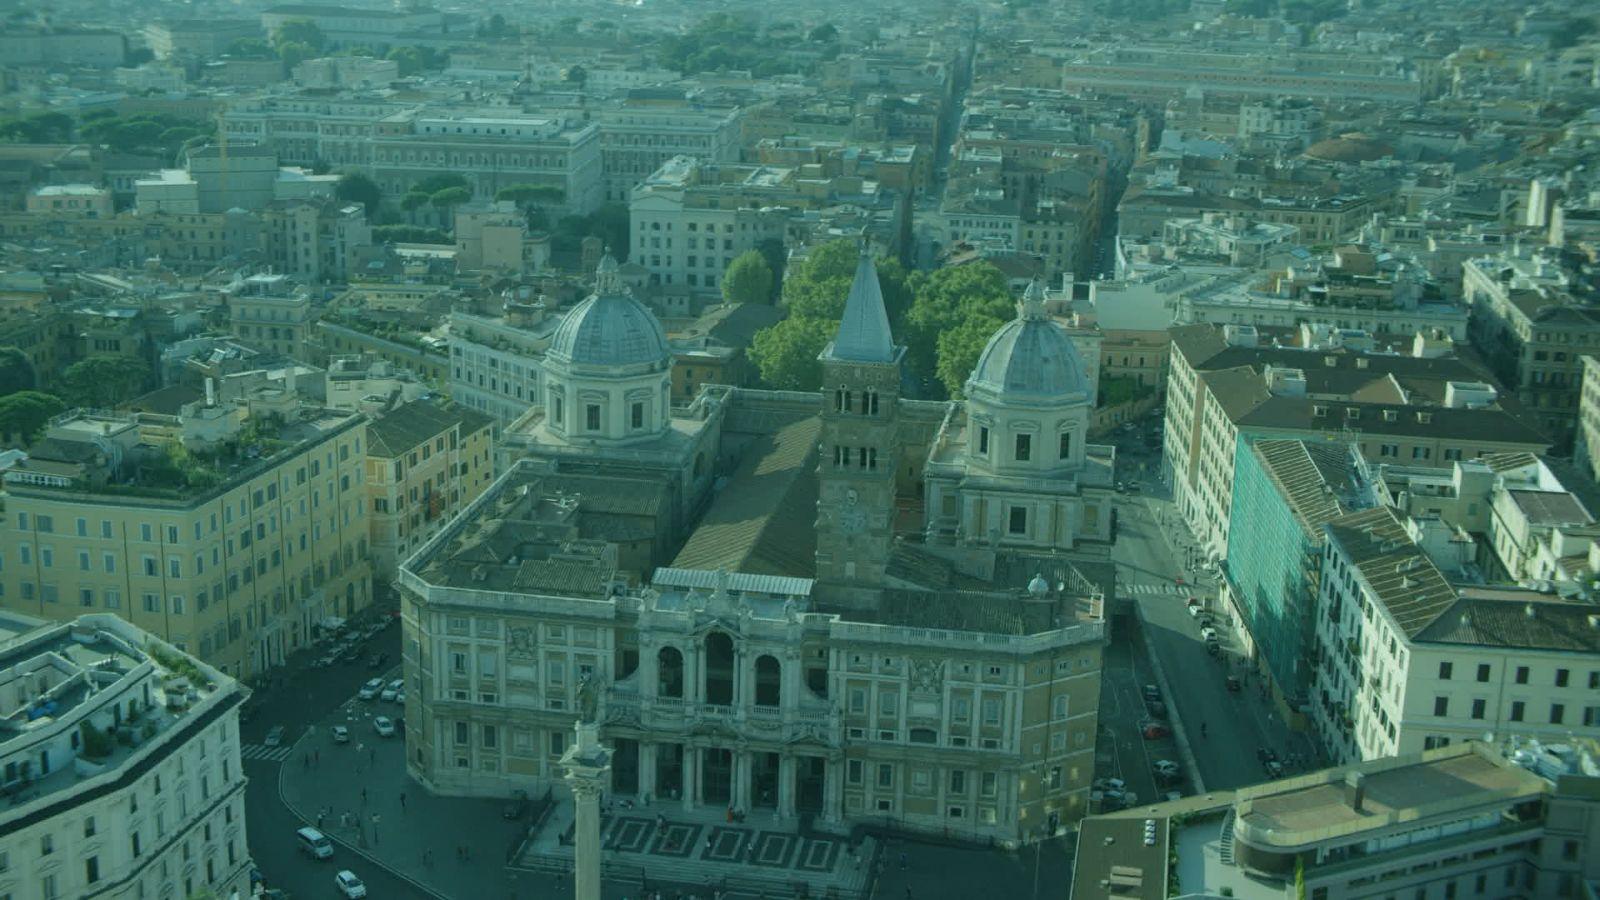 San Pietro e le Basiliche Papali di Roma 3D: un'immagine dall'alto della Basilica di Santa Maria Maggiore